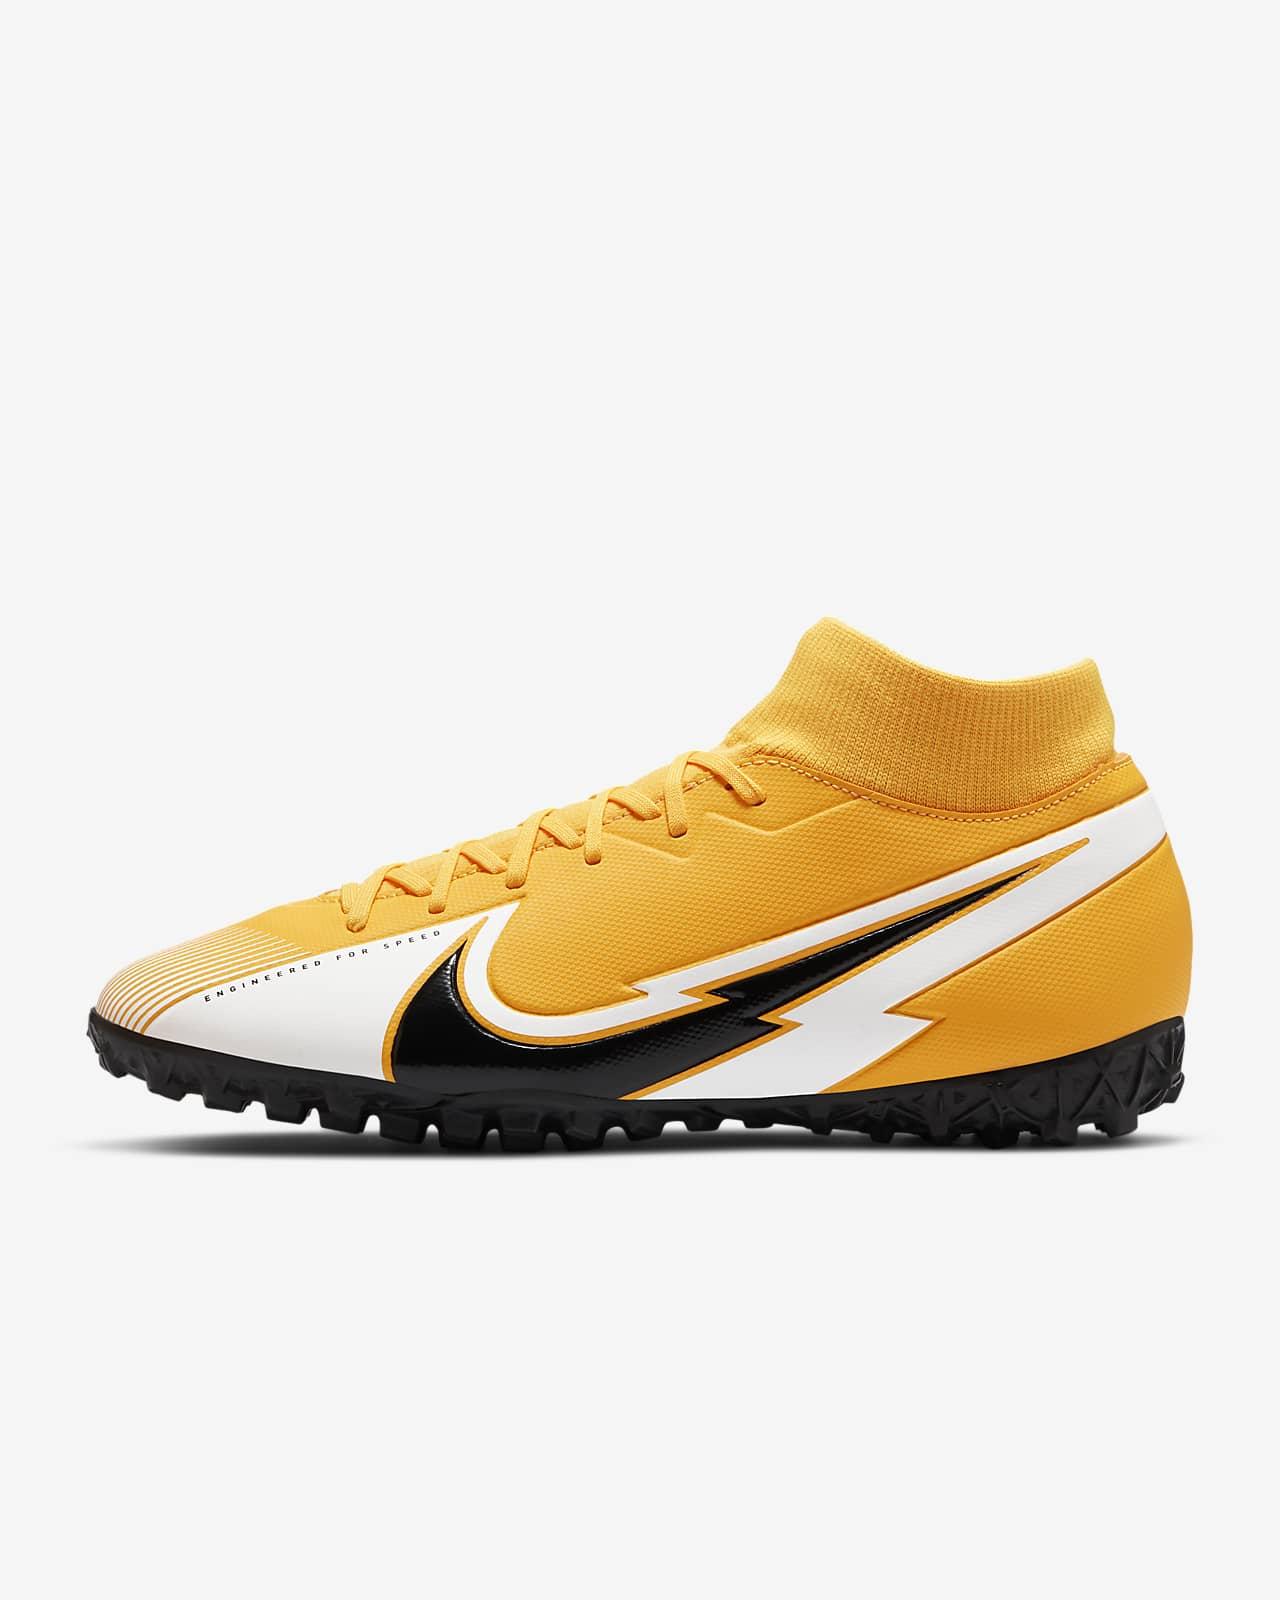 รองเท้าฟุตบอลสำหรับพื้นหญ้าเทียม Nike Mercurial Superfly 7 Academy TF